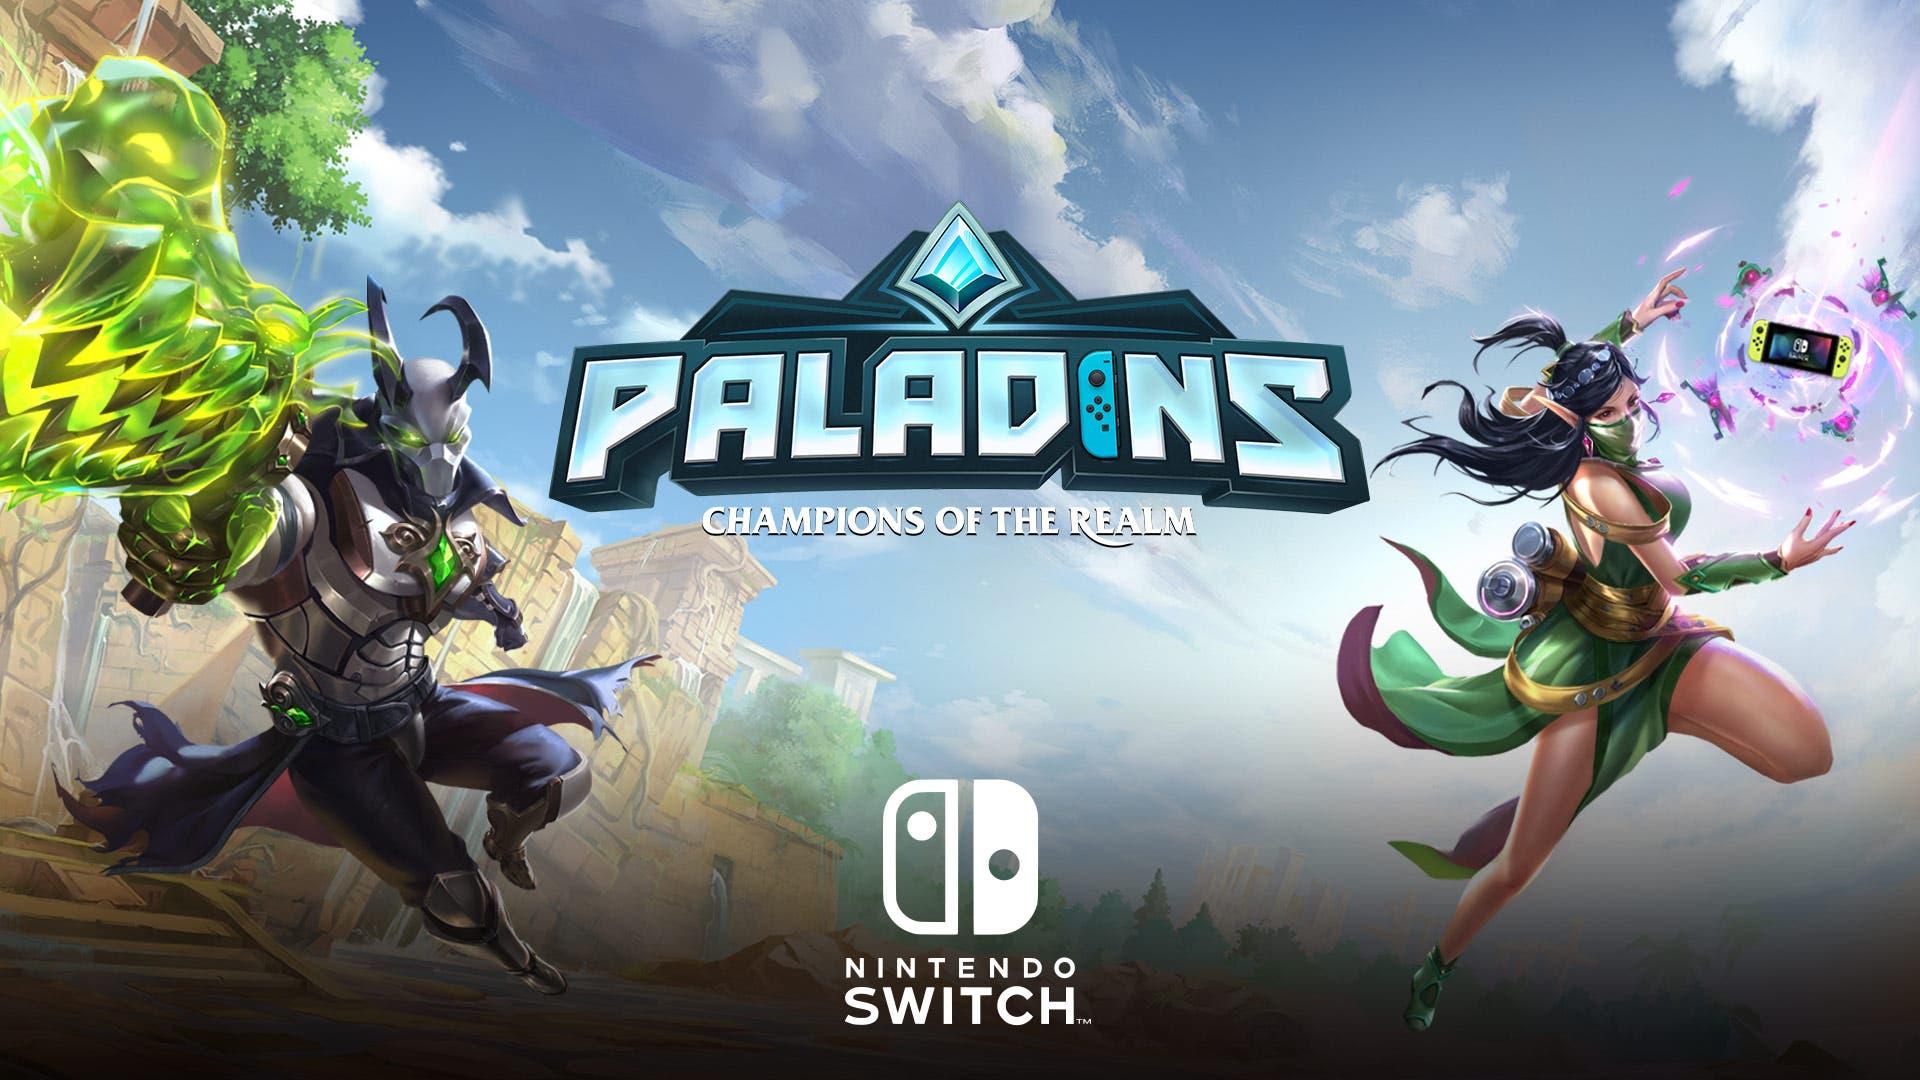 Imagen de Paladins tendrá a partir de noviembre controles giroscópicos en Nintendo Switch